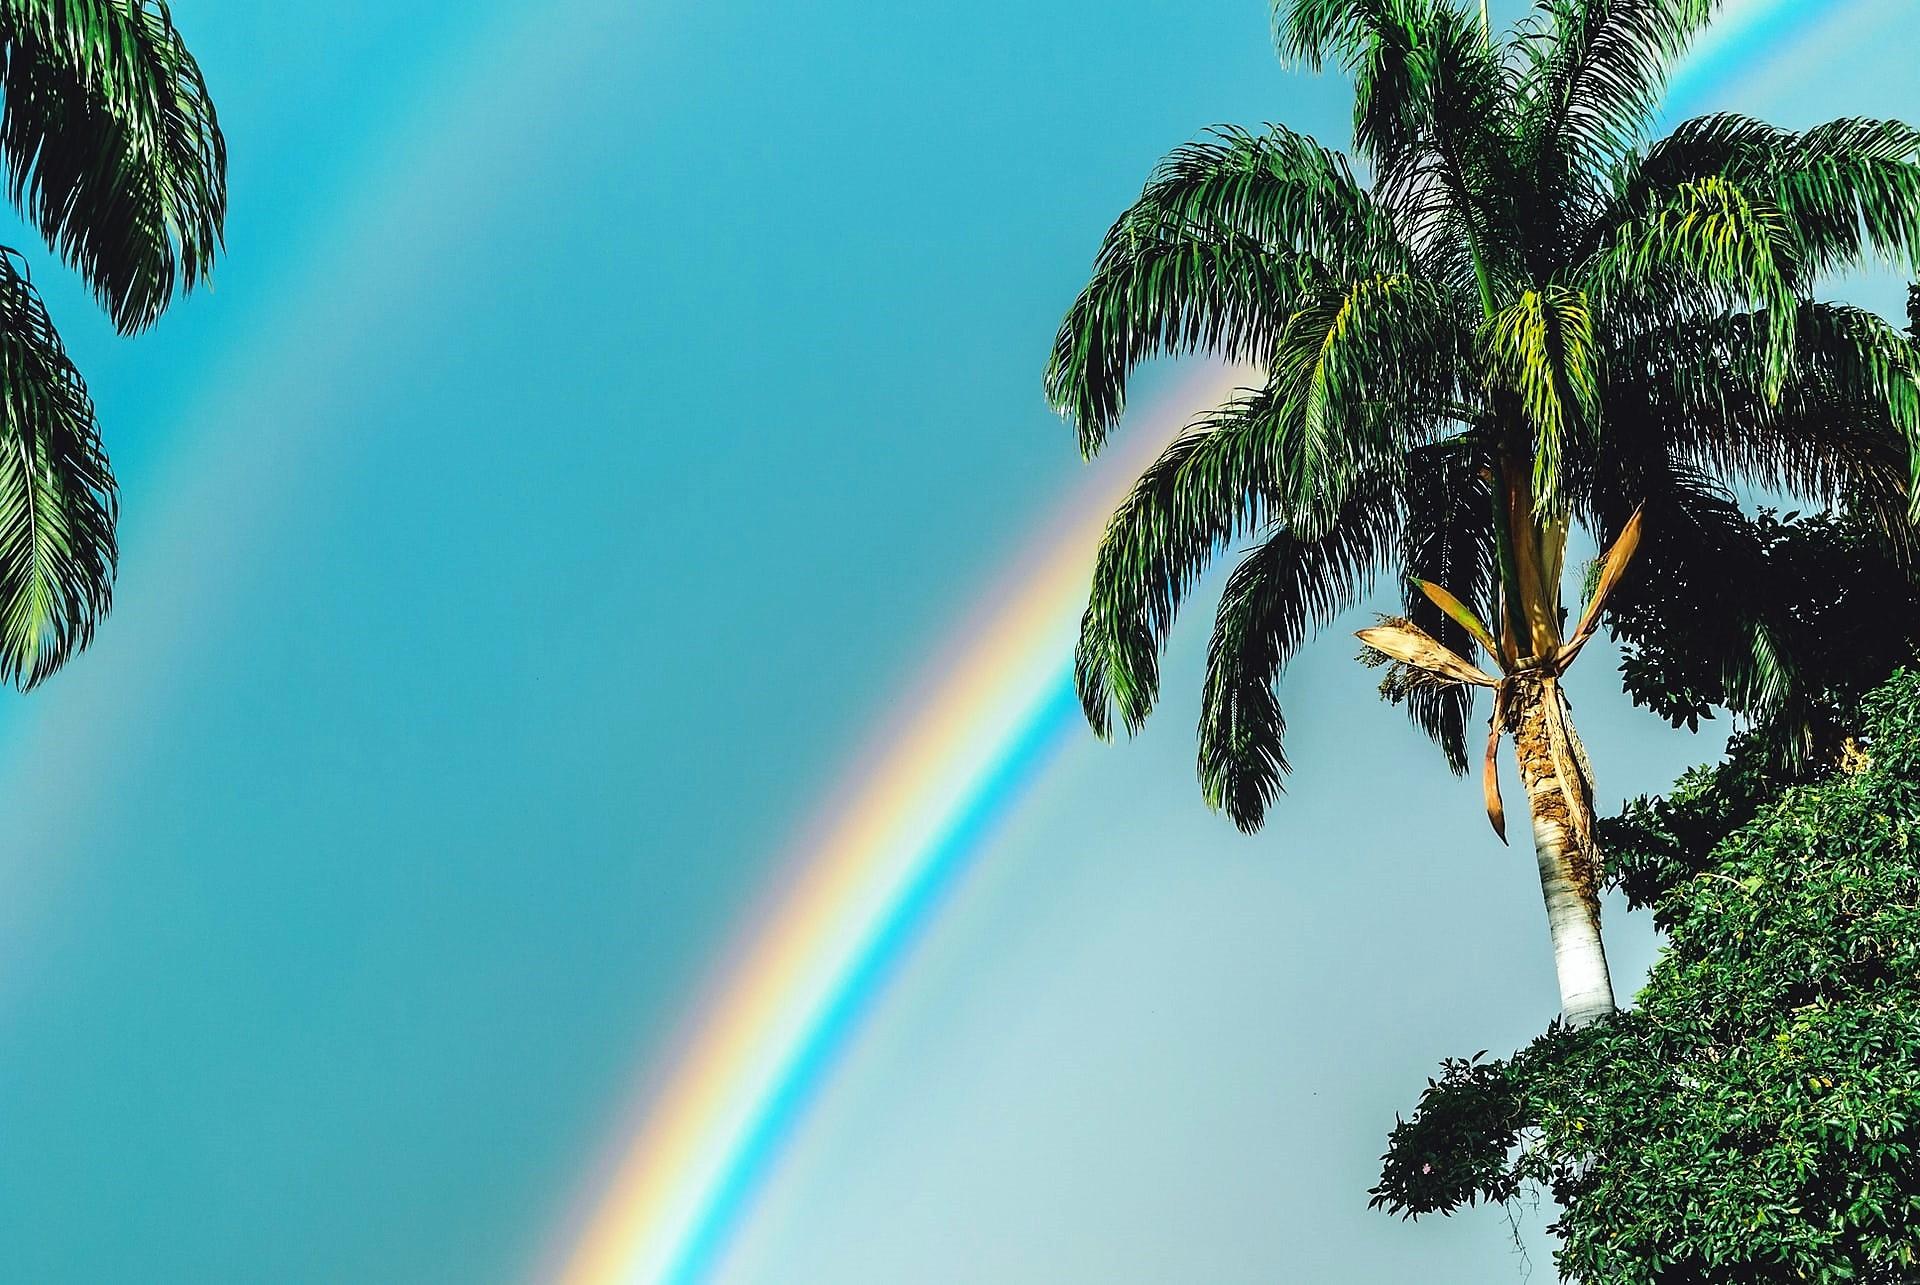 ダブルレインボー 虹 ハワイ